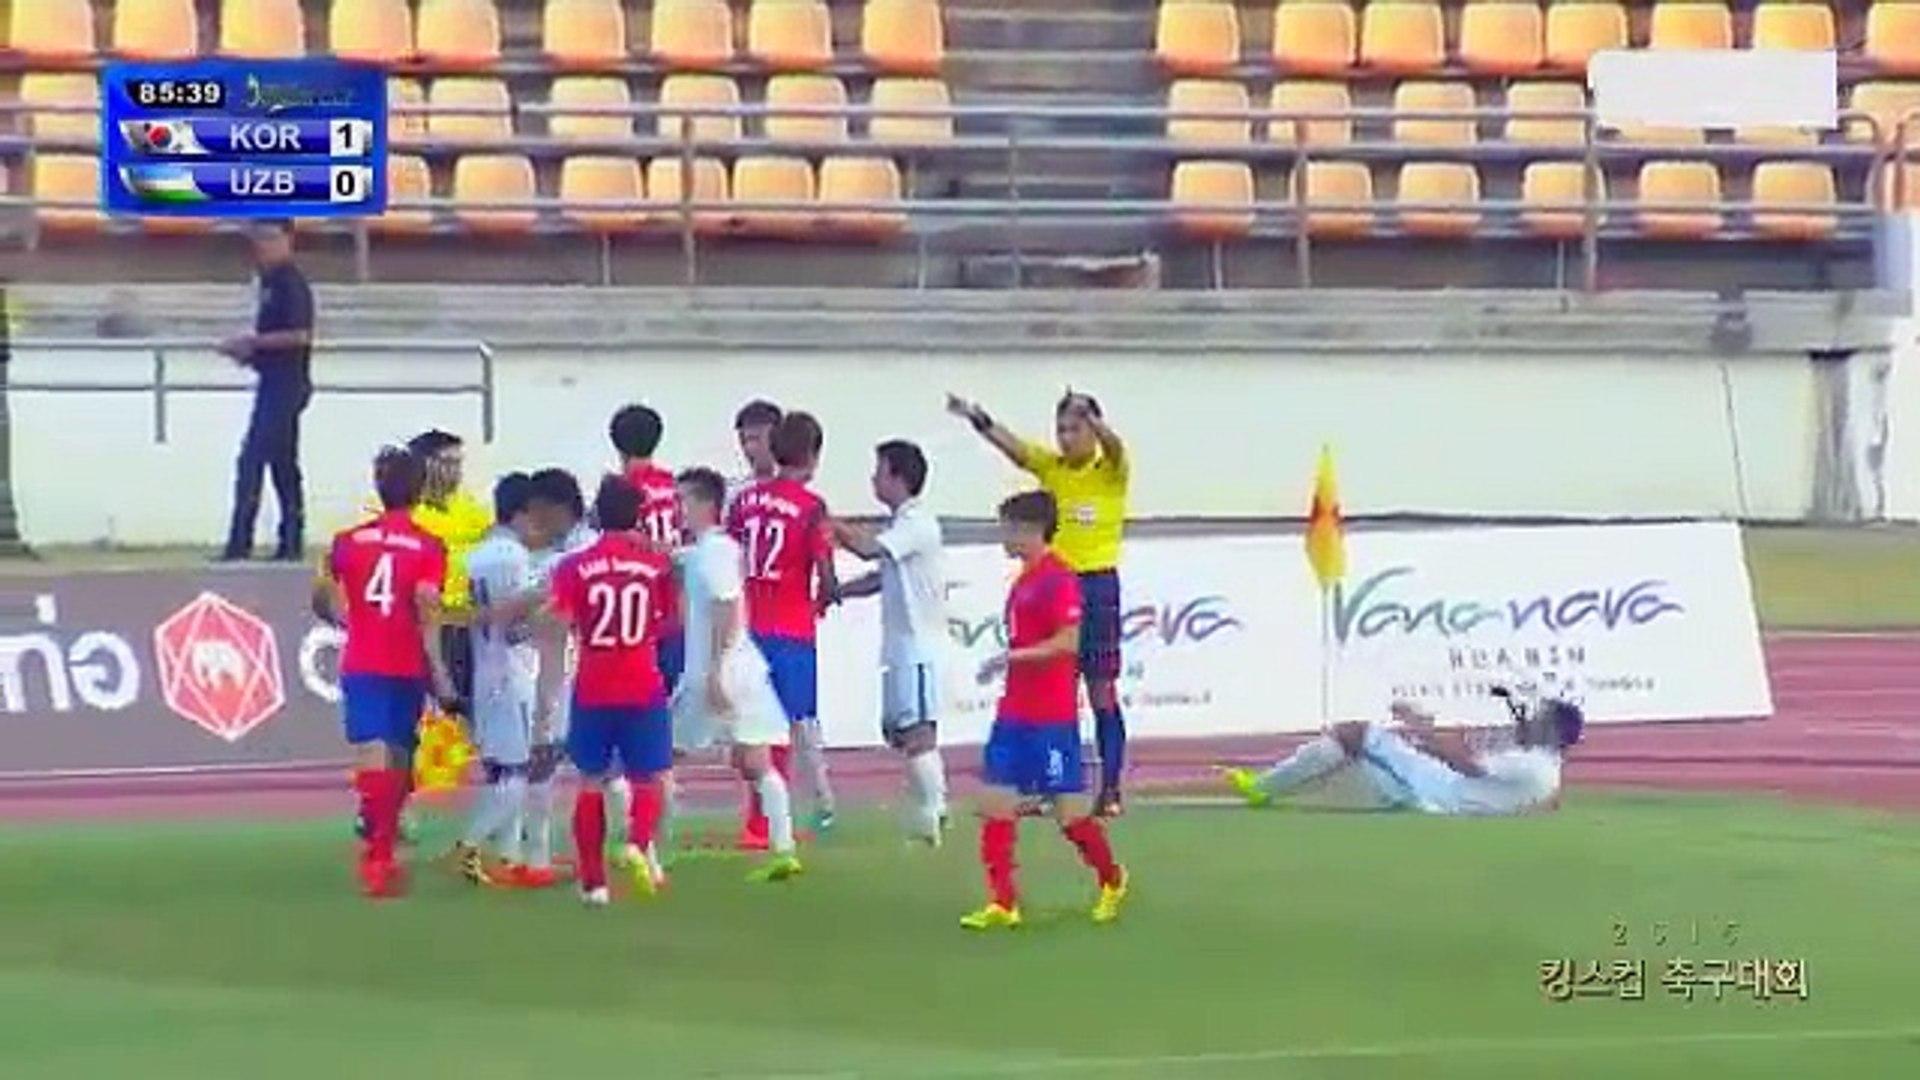 Voadora e soco na cara marcam partida entre Coréia do Sul e Uzbequistão Sub-22